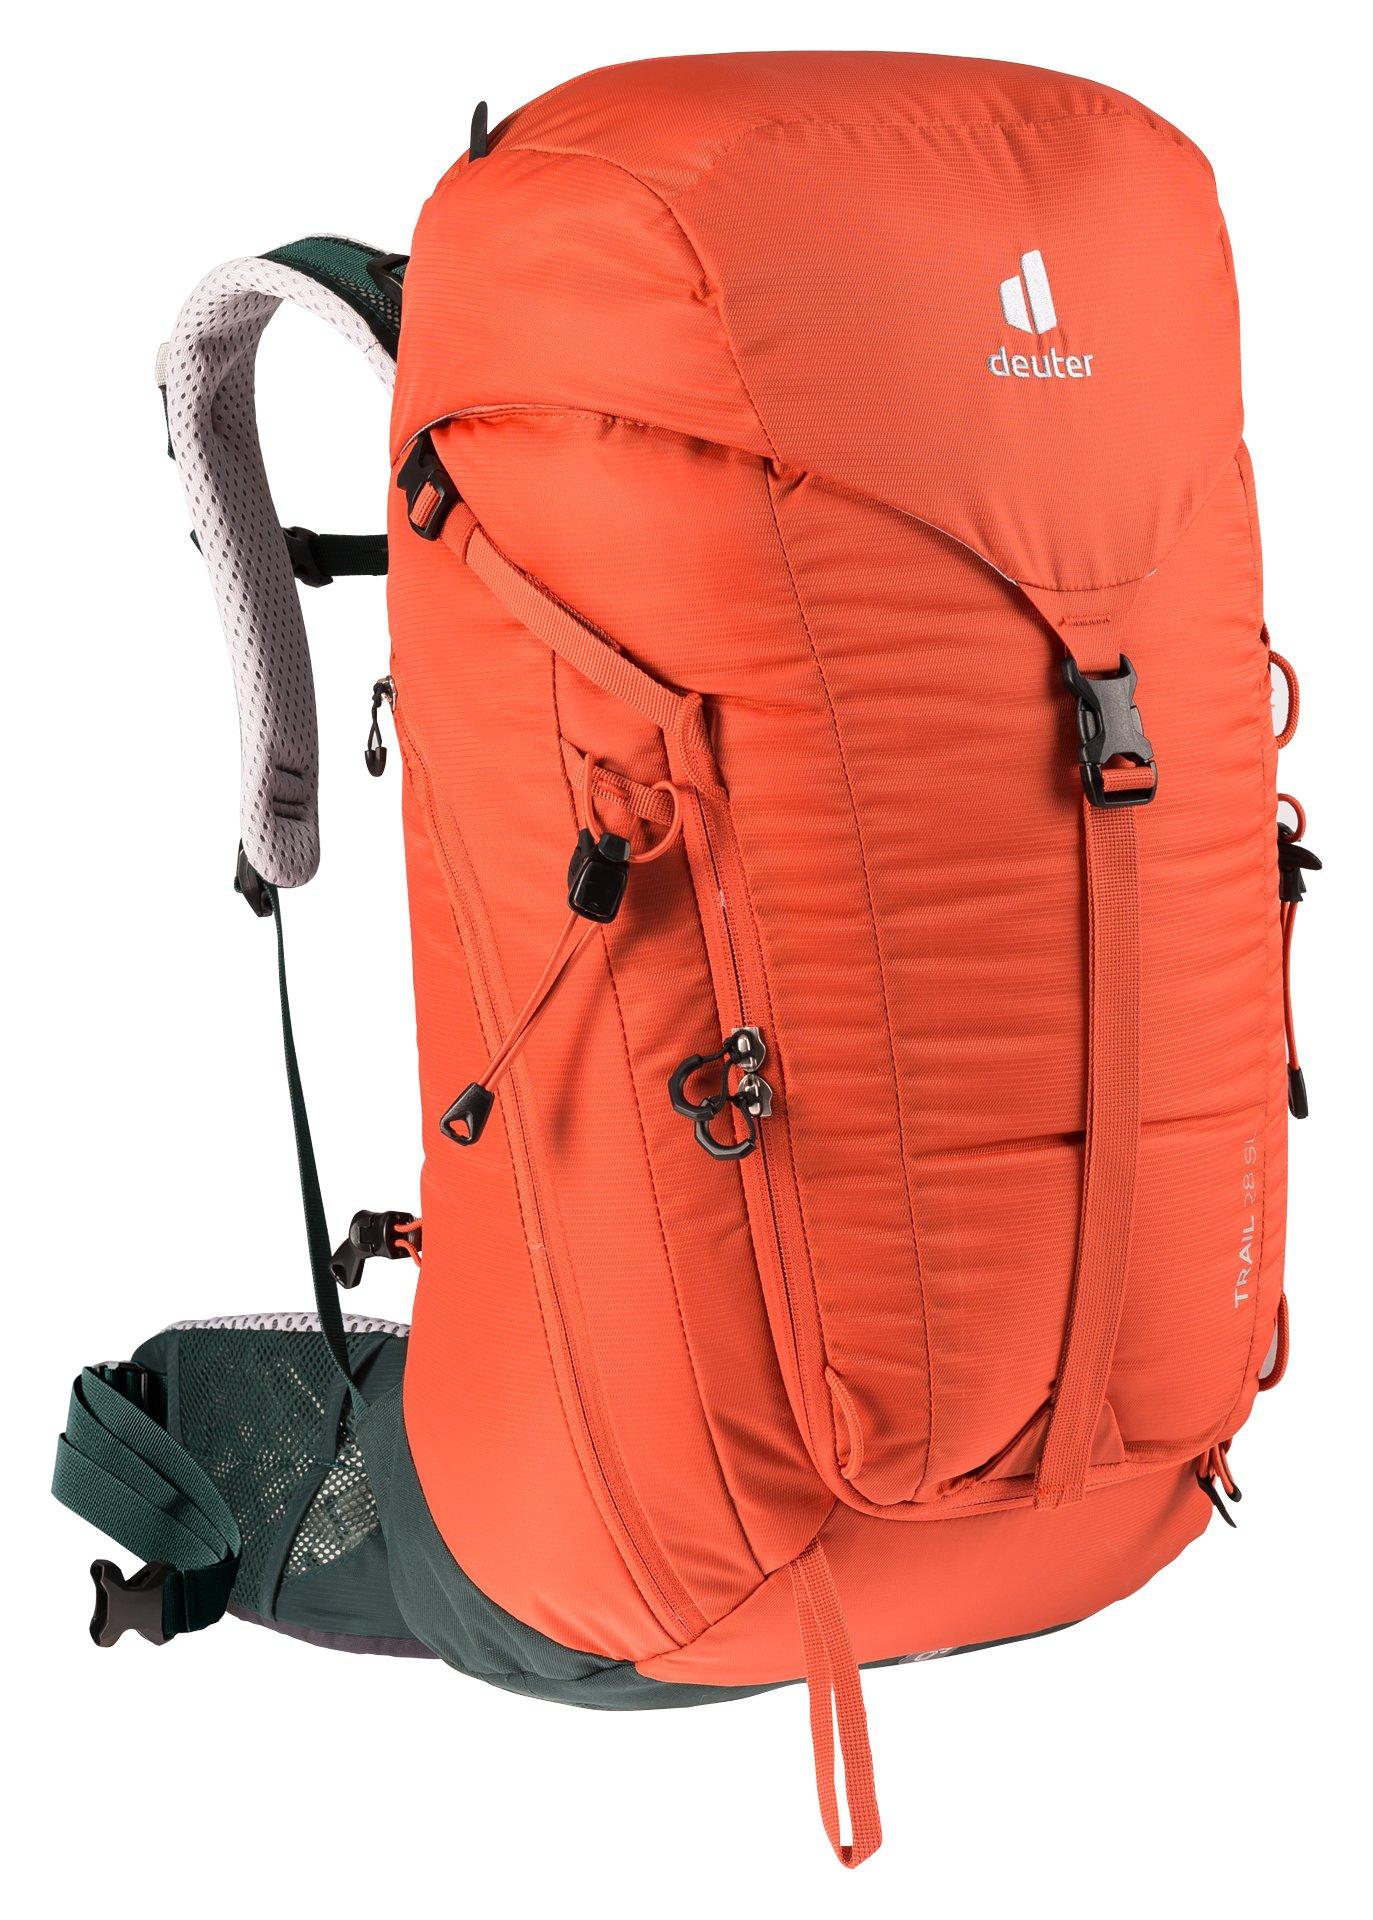 Deuter - Trail 28 SL, Wanderrucksack für Frauen